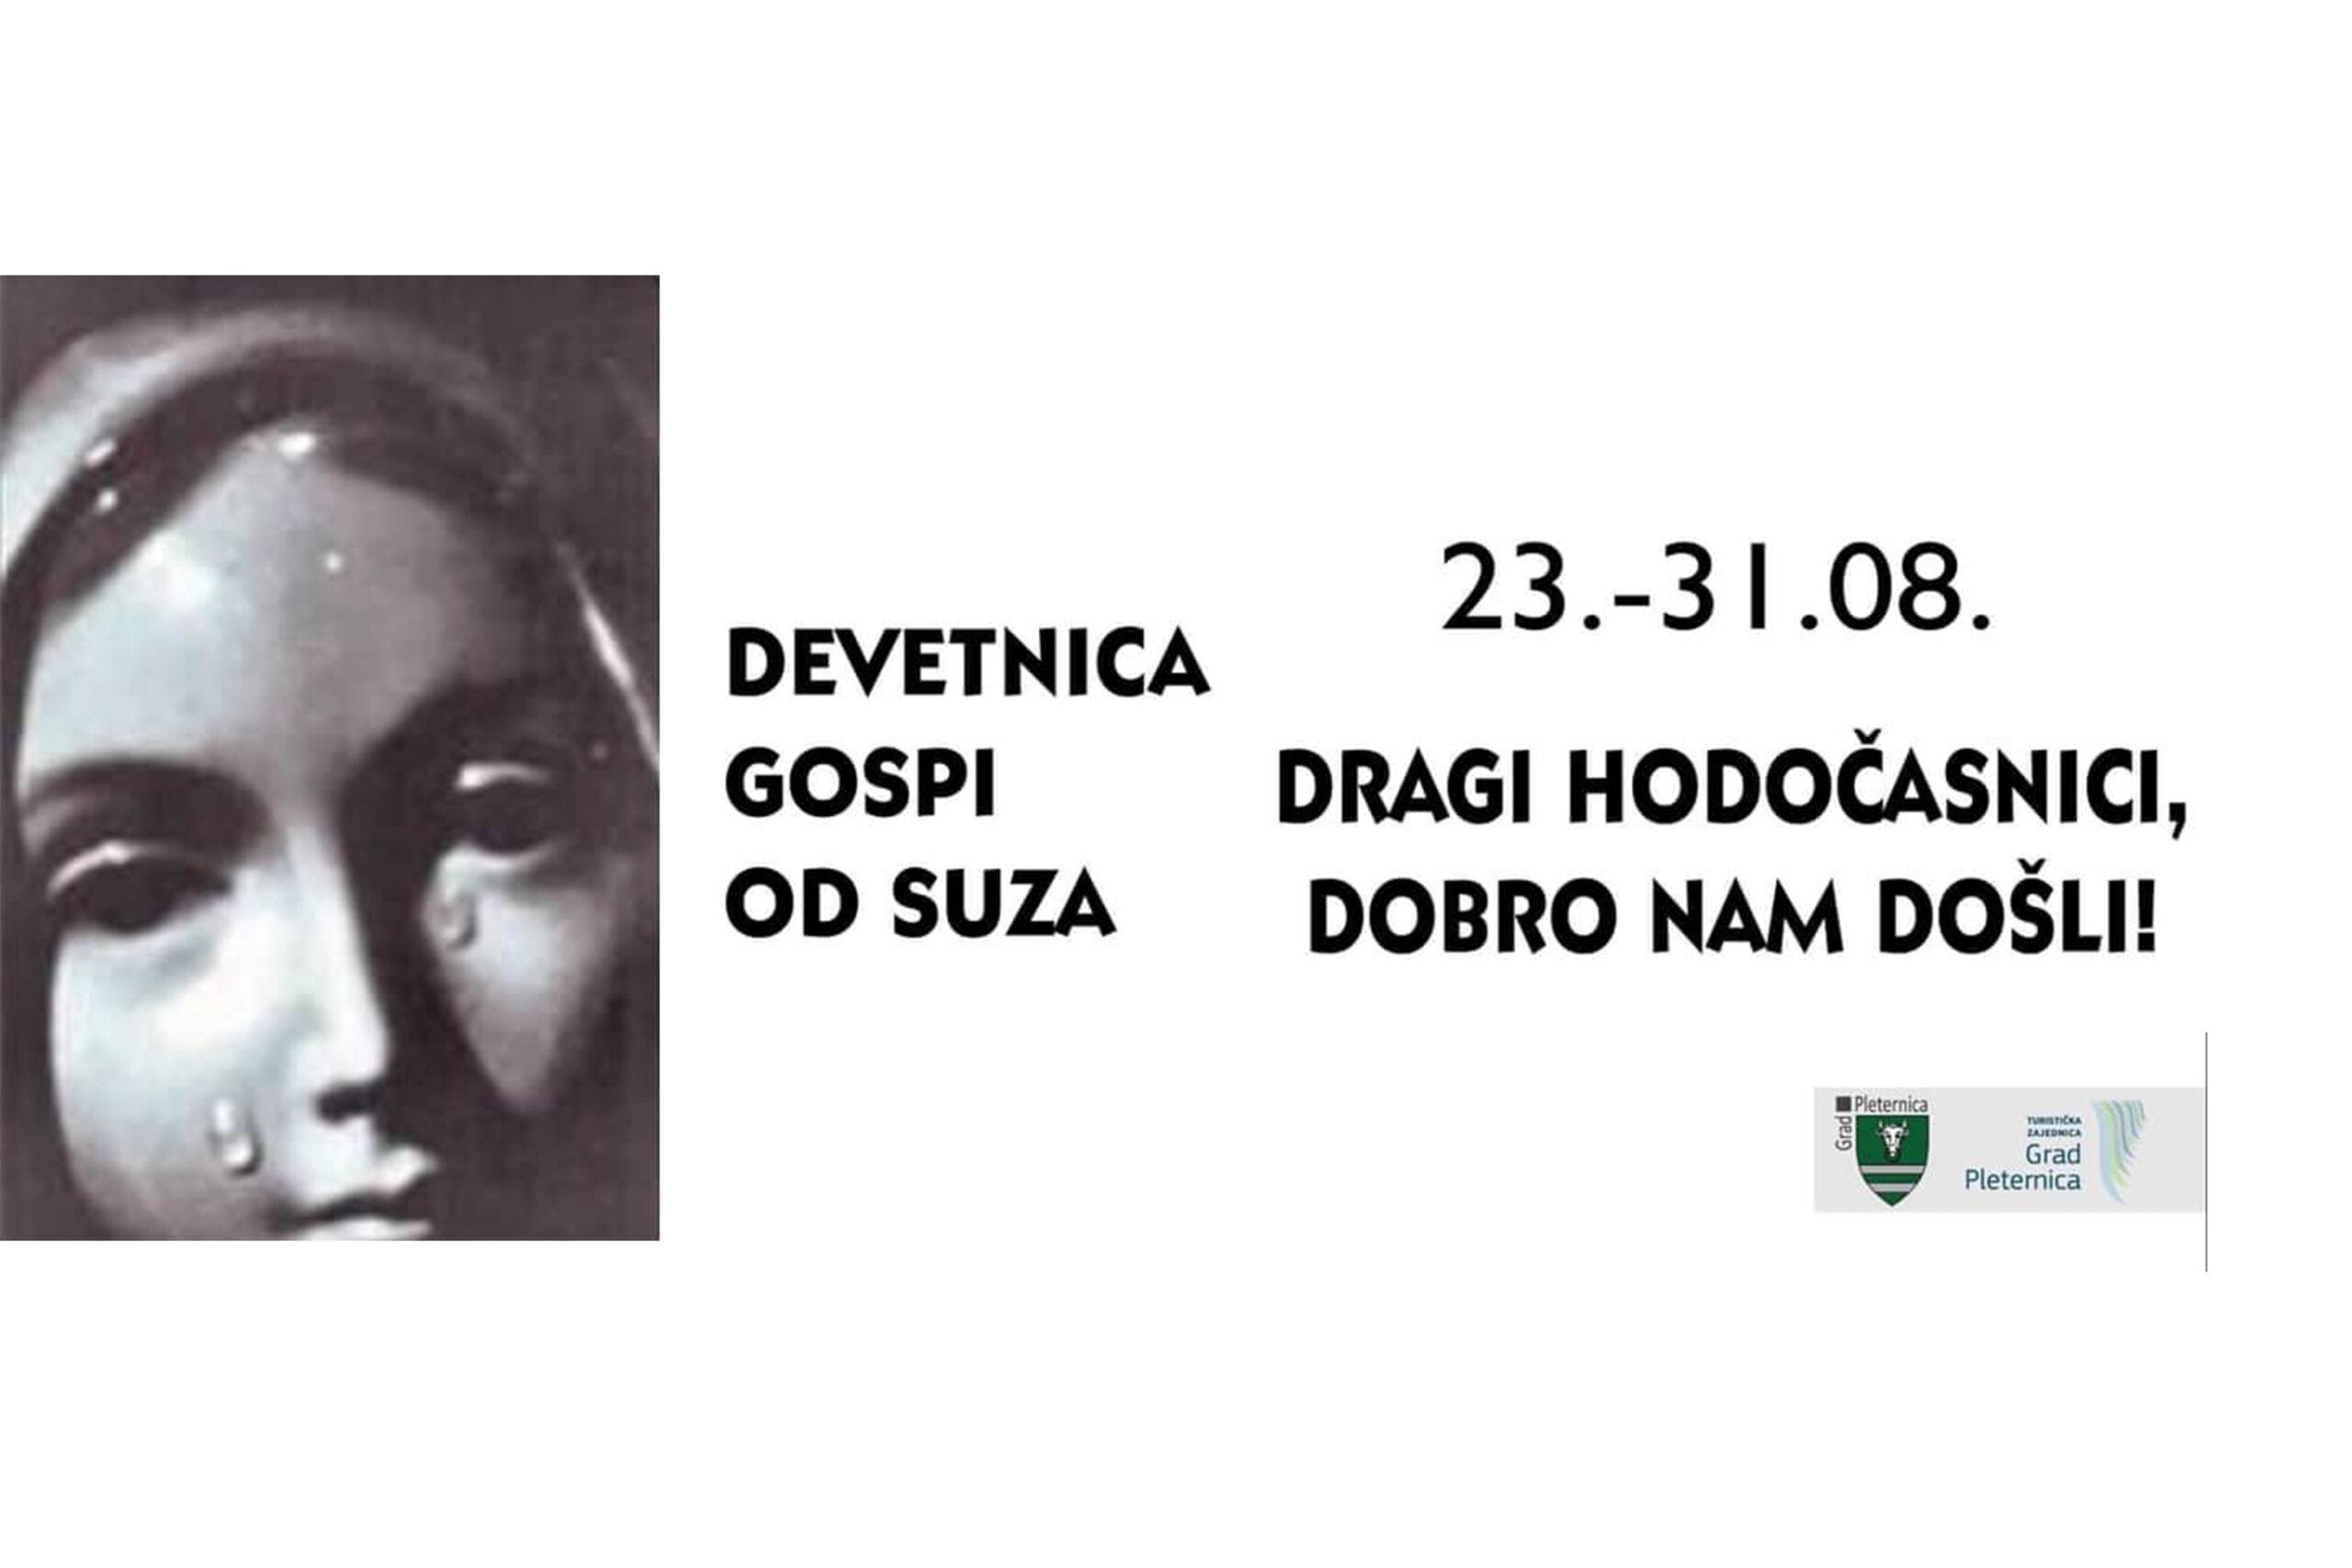 """Danas završno misno slavlje Devetnice Gospi od suza: """"Dragi hodočasnici, dobro došli!"""""""